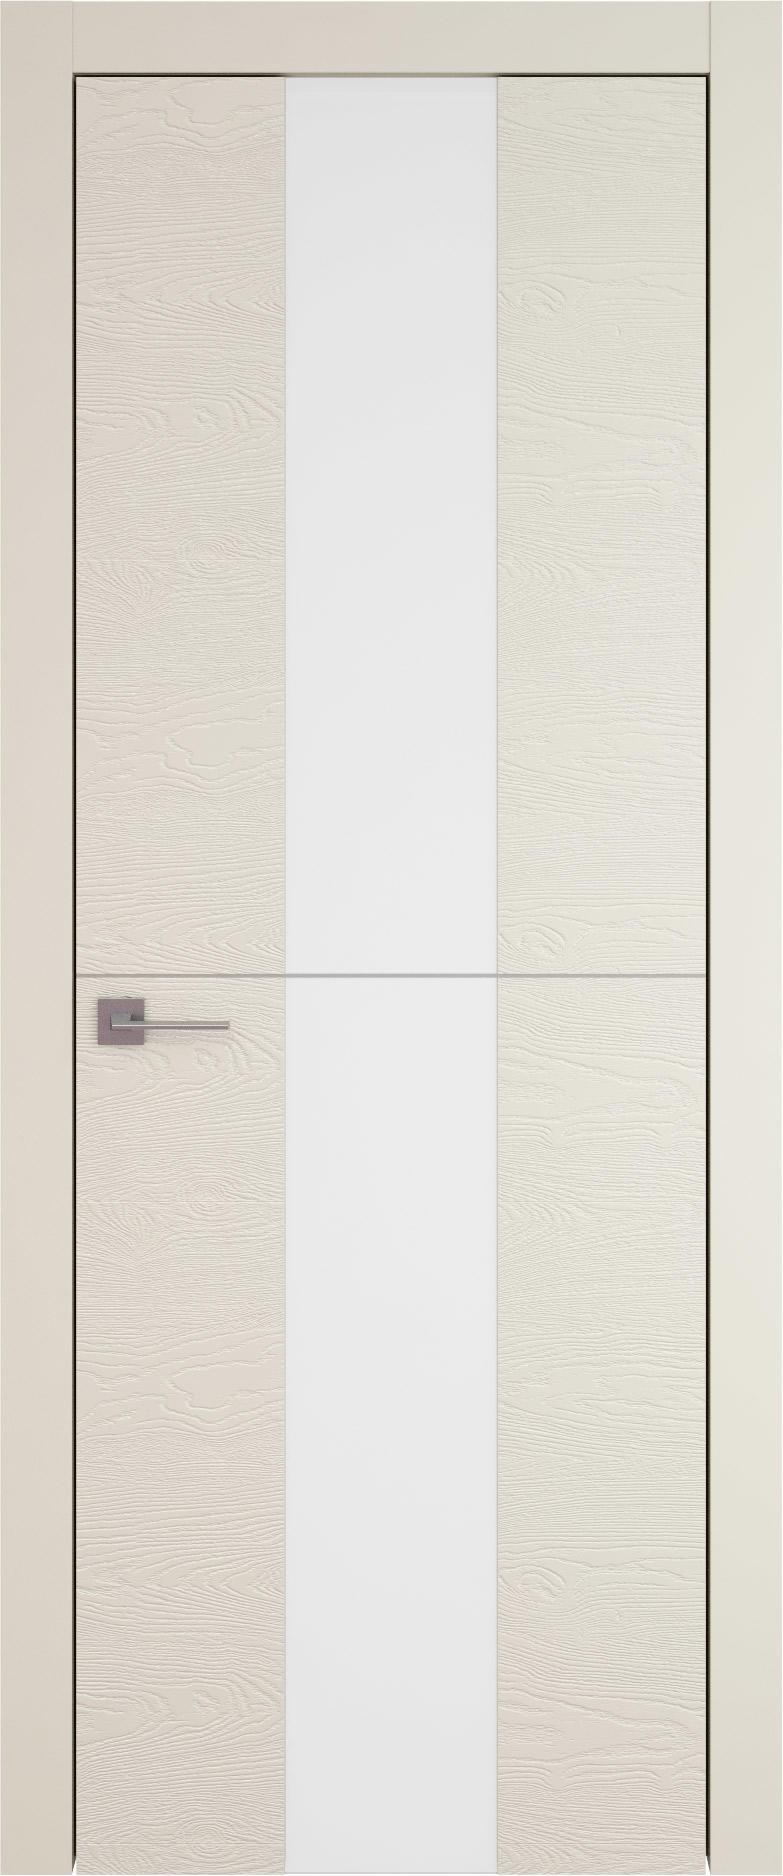 Tivoli Ж-3 цвет - Жемчужная эмаль по шпону (RAL 1013) Со стеклом (ДО)